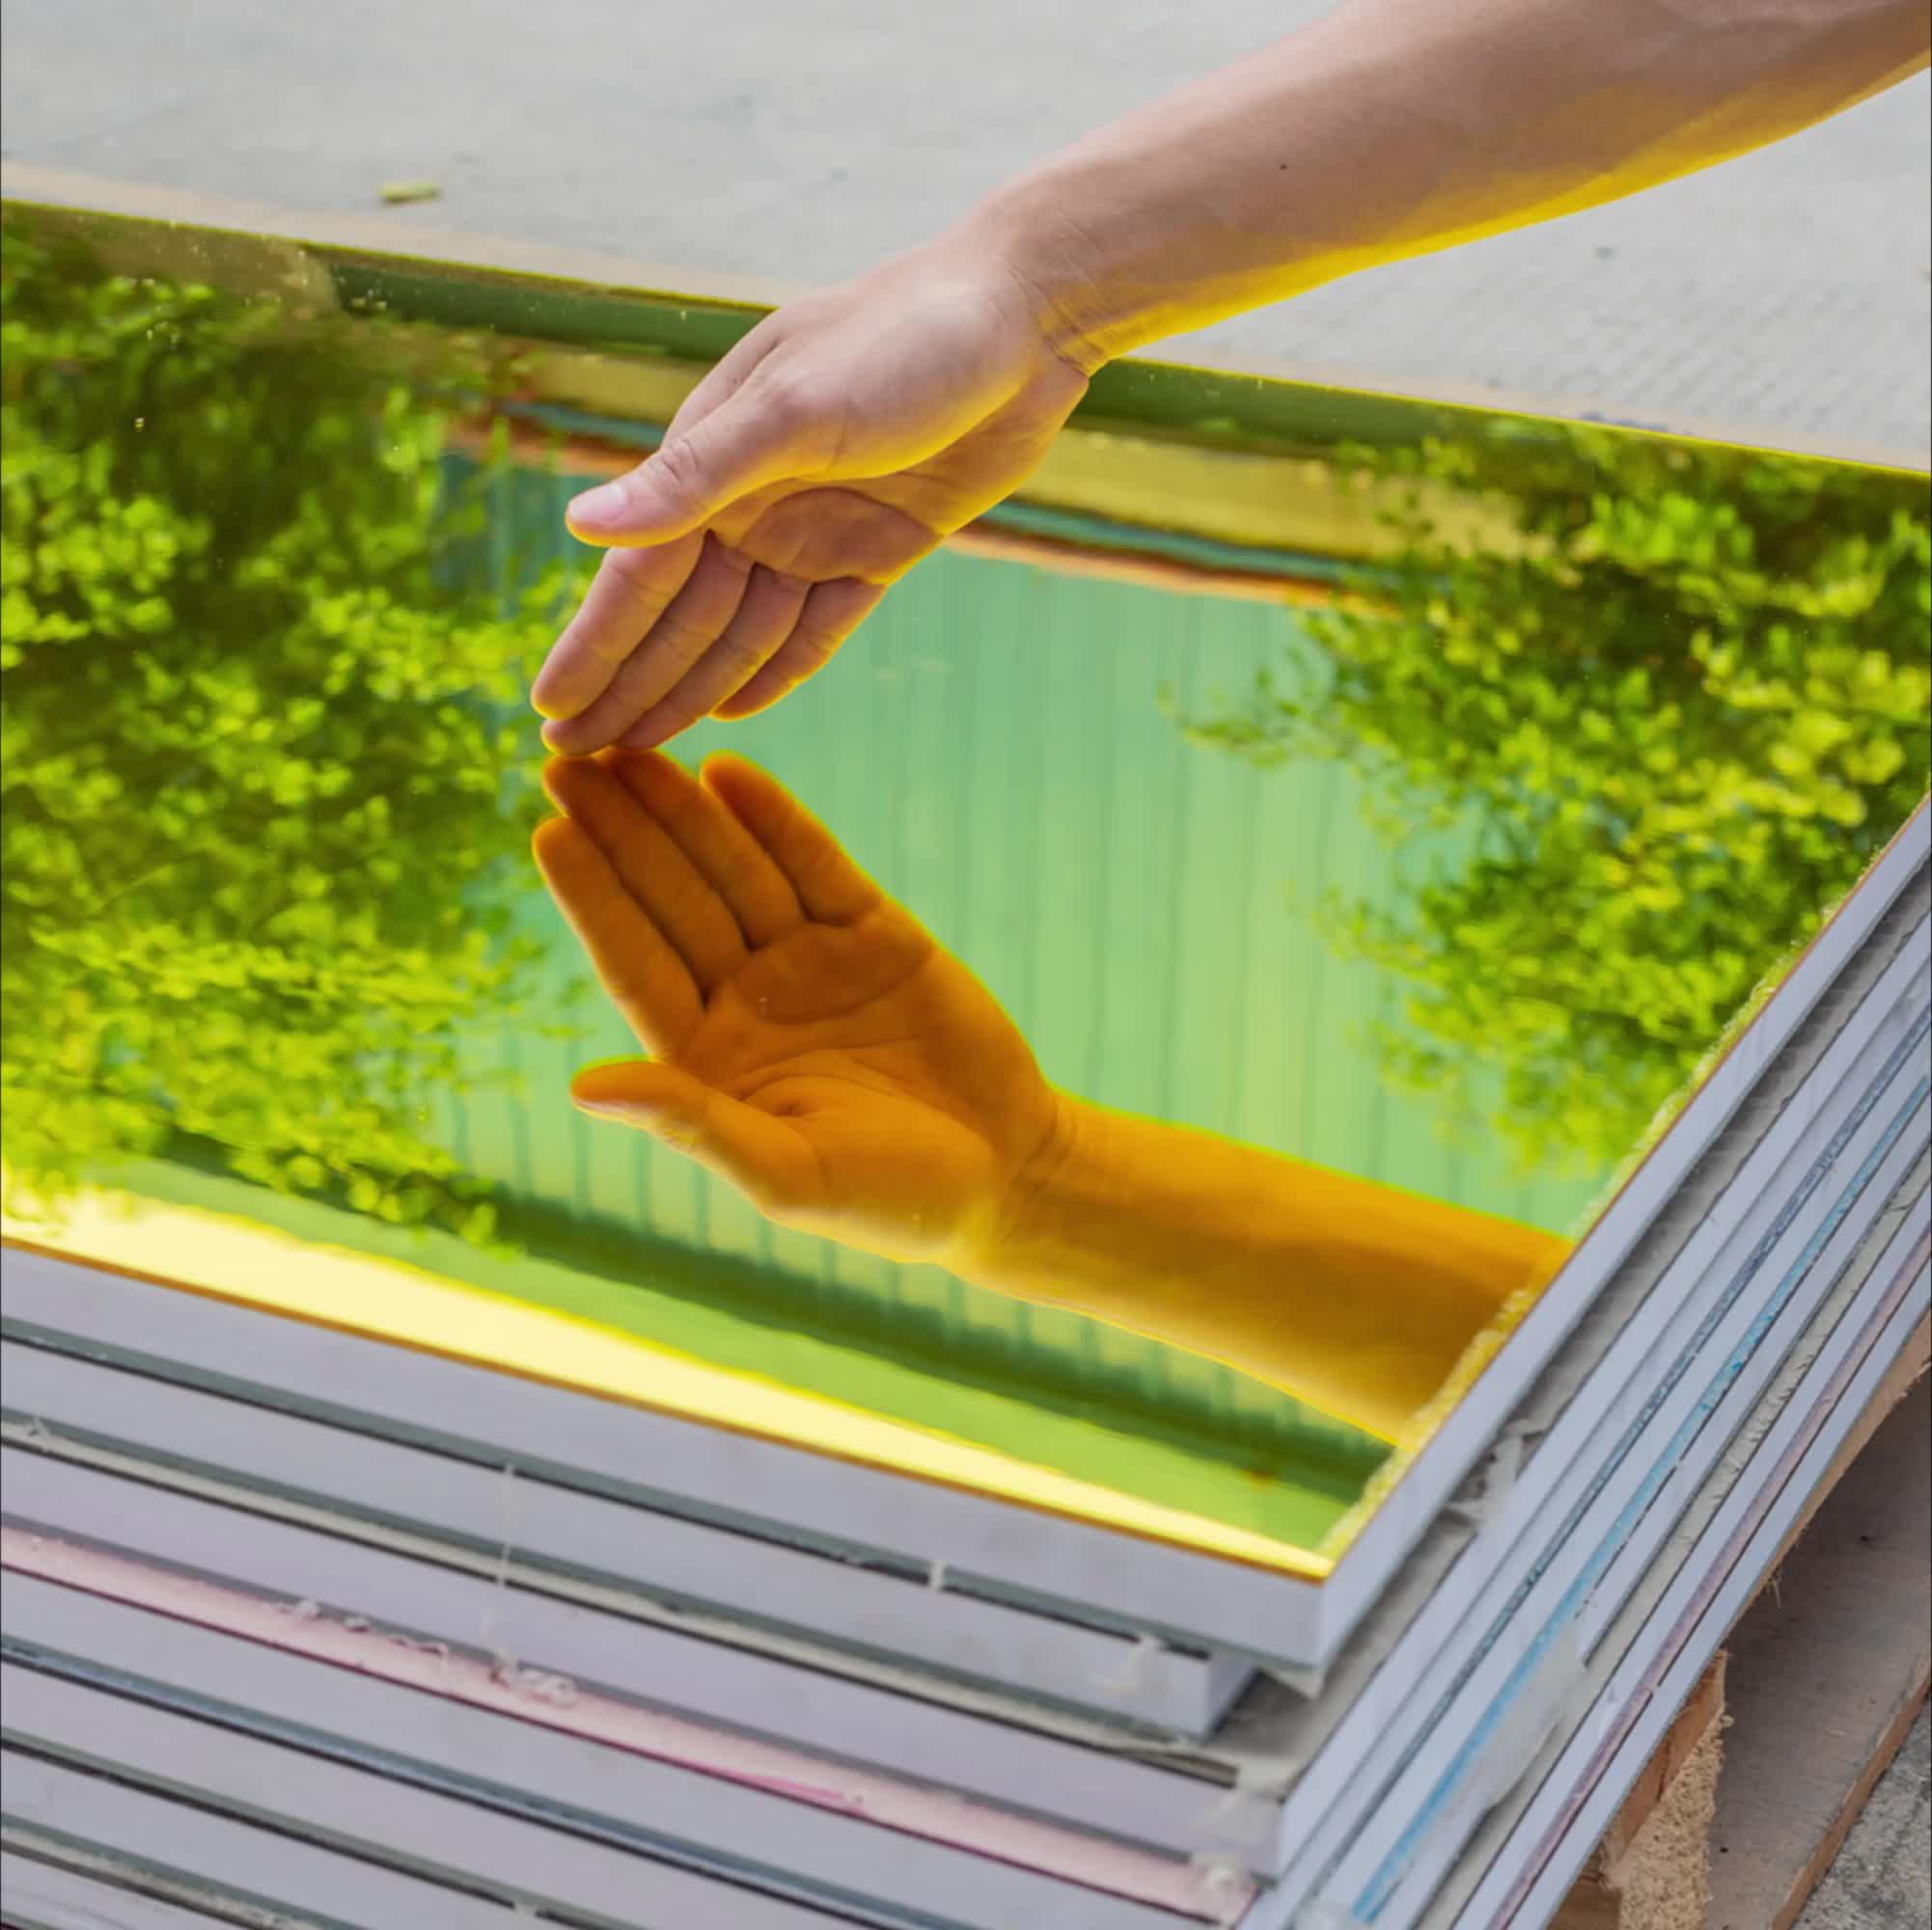 Golden แผ่นกระจกอะคริลิคกระจกพลาสติกแผ่นสำหรับตกแต่ง